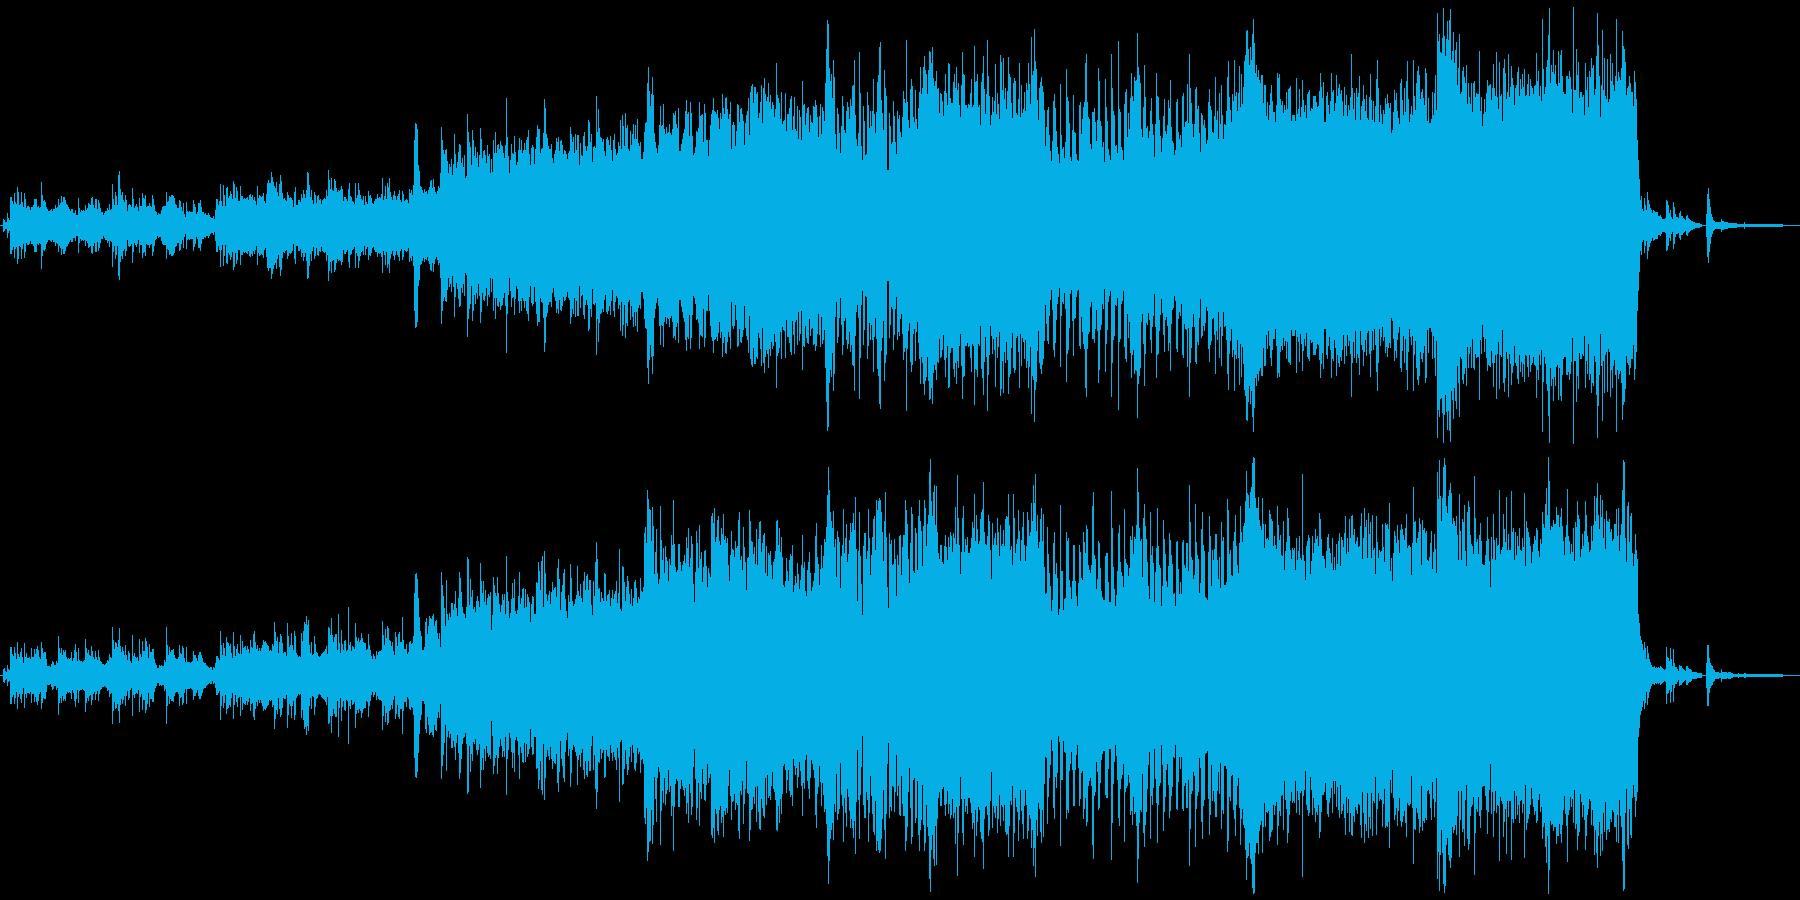 壮大でドラマティックな和風なオケBGMの再生済みの波形